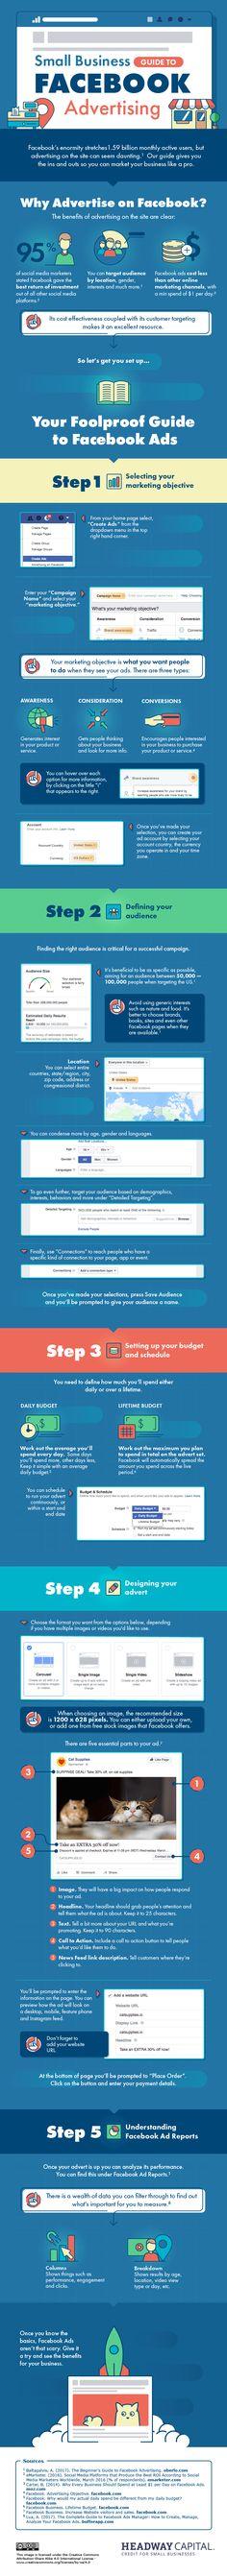 Guía de publicidad en #Facebook para pequeños negocios